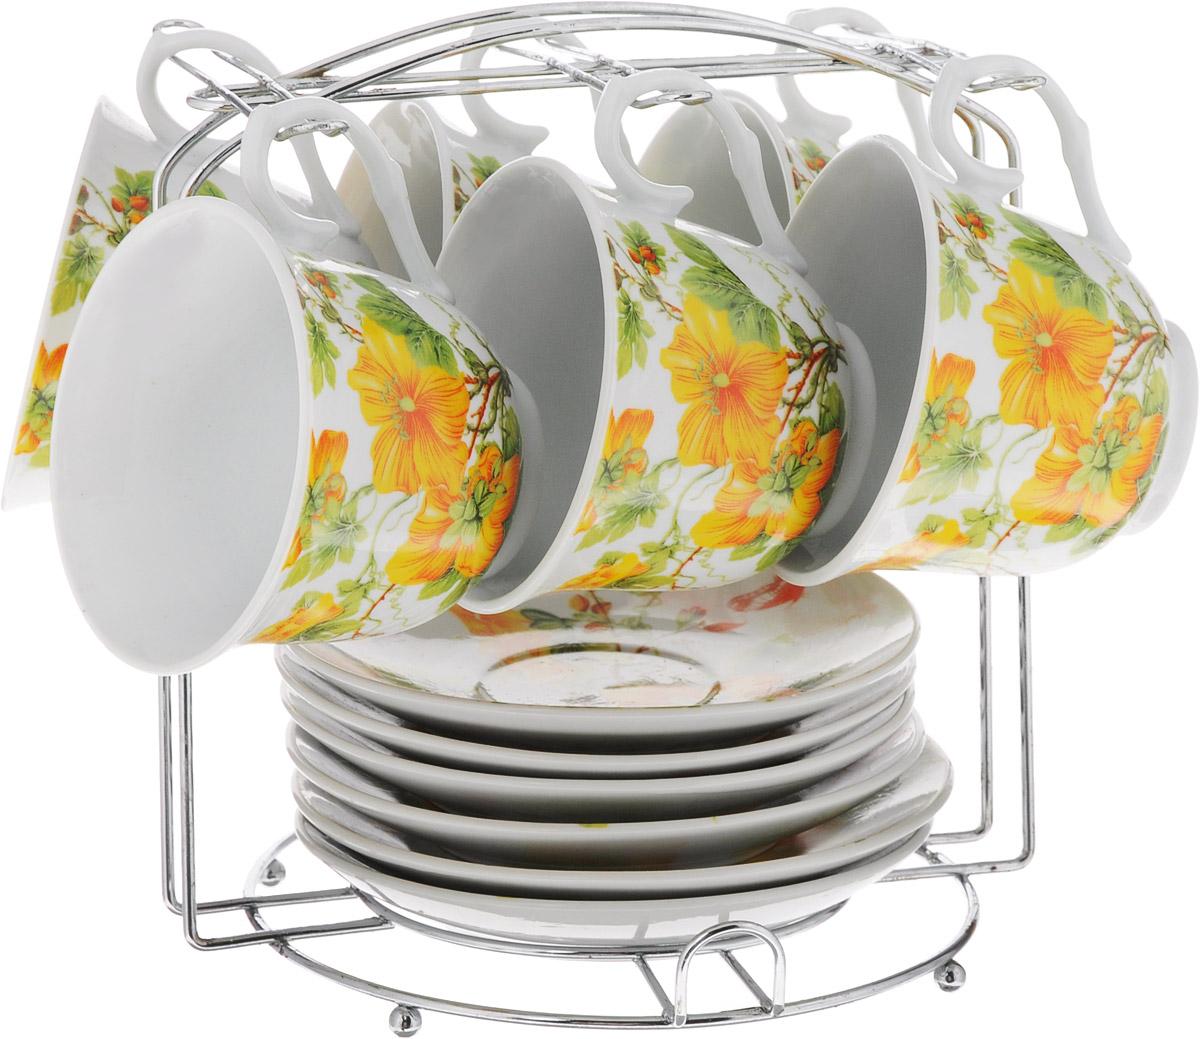 Набор чайный Bella, на подставке, 13 предметов. DL-P6MS-171115510Набор Bella состоит из шести чашек и шести блюдец, изготовленных из высококачественного фарфора. Чашки оформлены красочным цветочным рисунком. Изделия расположены на металлической подставке. Такой набор подходит для подачи чая или кофе.Изящный дизайн придется по вкусу и ценителям классики, и тем, кто предпочитает утонченность и изысканность. Он настроит на позитивный лад и подарит хорошее настроение с самого утра. Чайный набор Bella - идеальный и необходимый подарок для вашего дома и для ваших друзей в праздники.Рекомендуется мыть вручную с применением любых моющих средств, предназначенных для мытья посуды и стекла. Кроме абразивных средств, так как может привести к появлению царапин на поверхности изделия и, соответственно, к ухудшению его внешнего вида.Объем чашки: 250 мл. Диаметр чашки (по верхнему краю): 9 см. Высота чашки: 7,3 см. Диаметр блюдца: 13,5 см. Высота блюдца: 2 см.Размер подставки: 19 х 17,5 х 20 см.